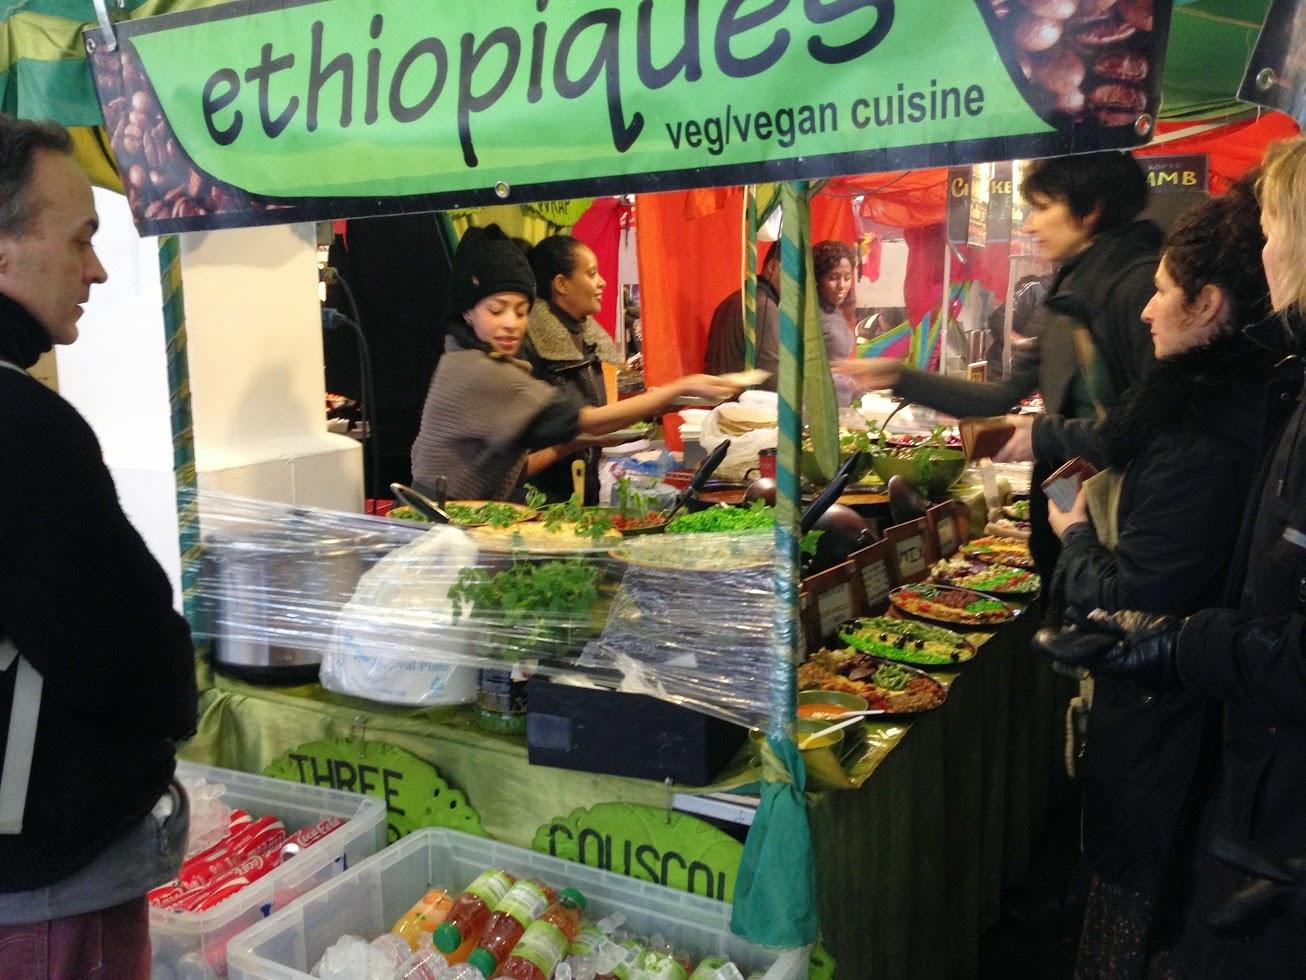 Indoor food market, Shoreditch